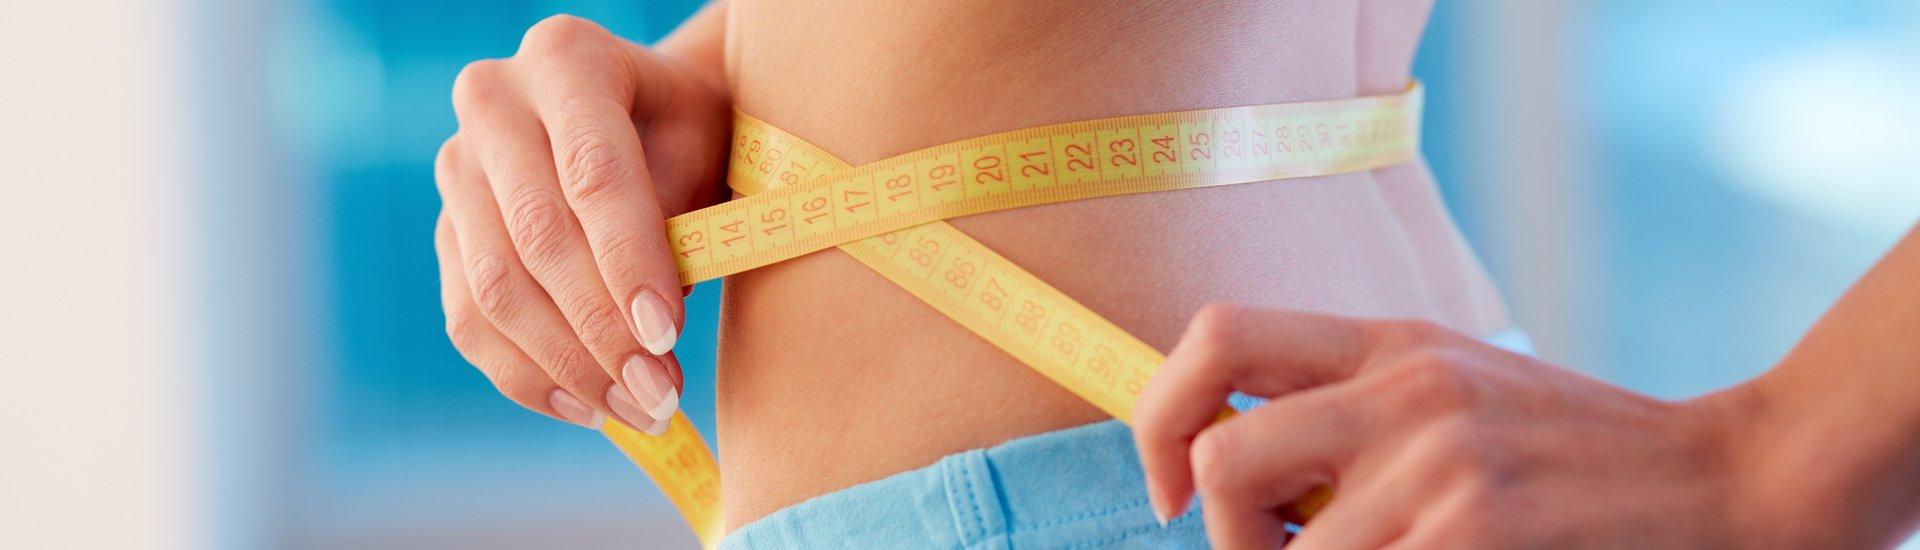 Dietas de adelgazamiento personalizadas